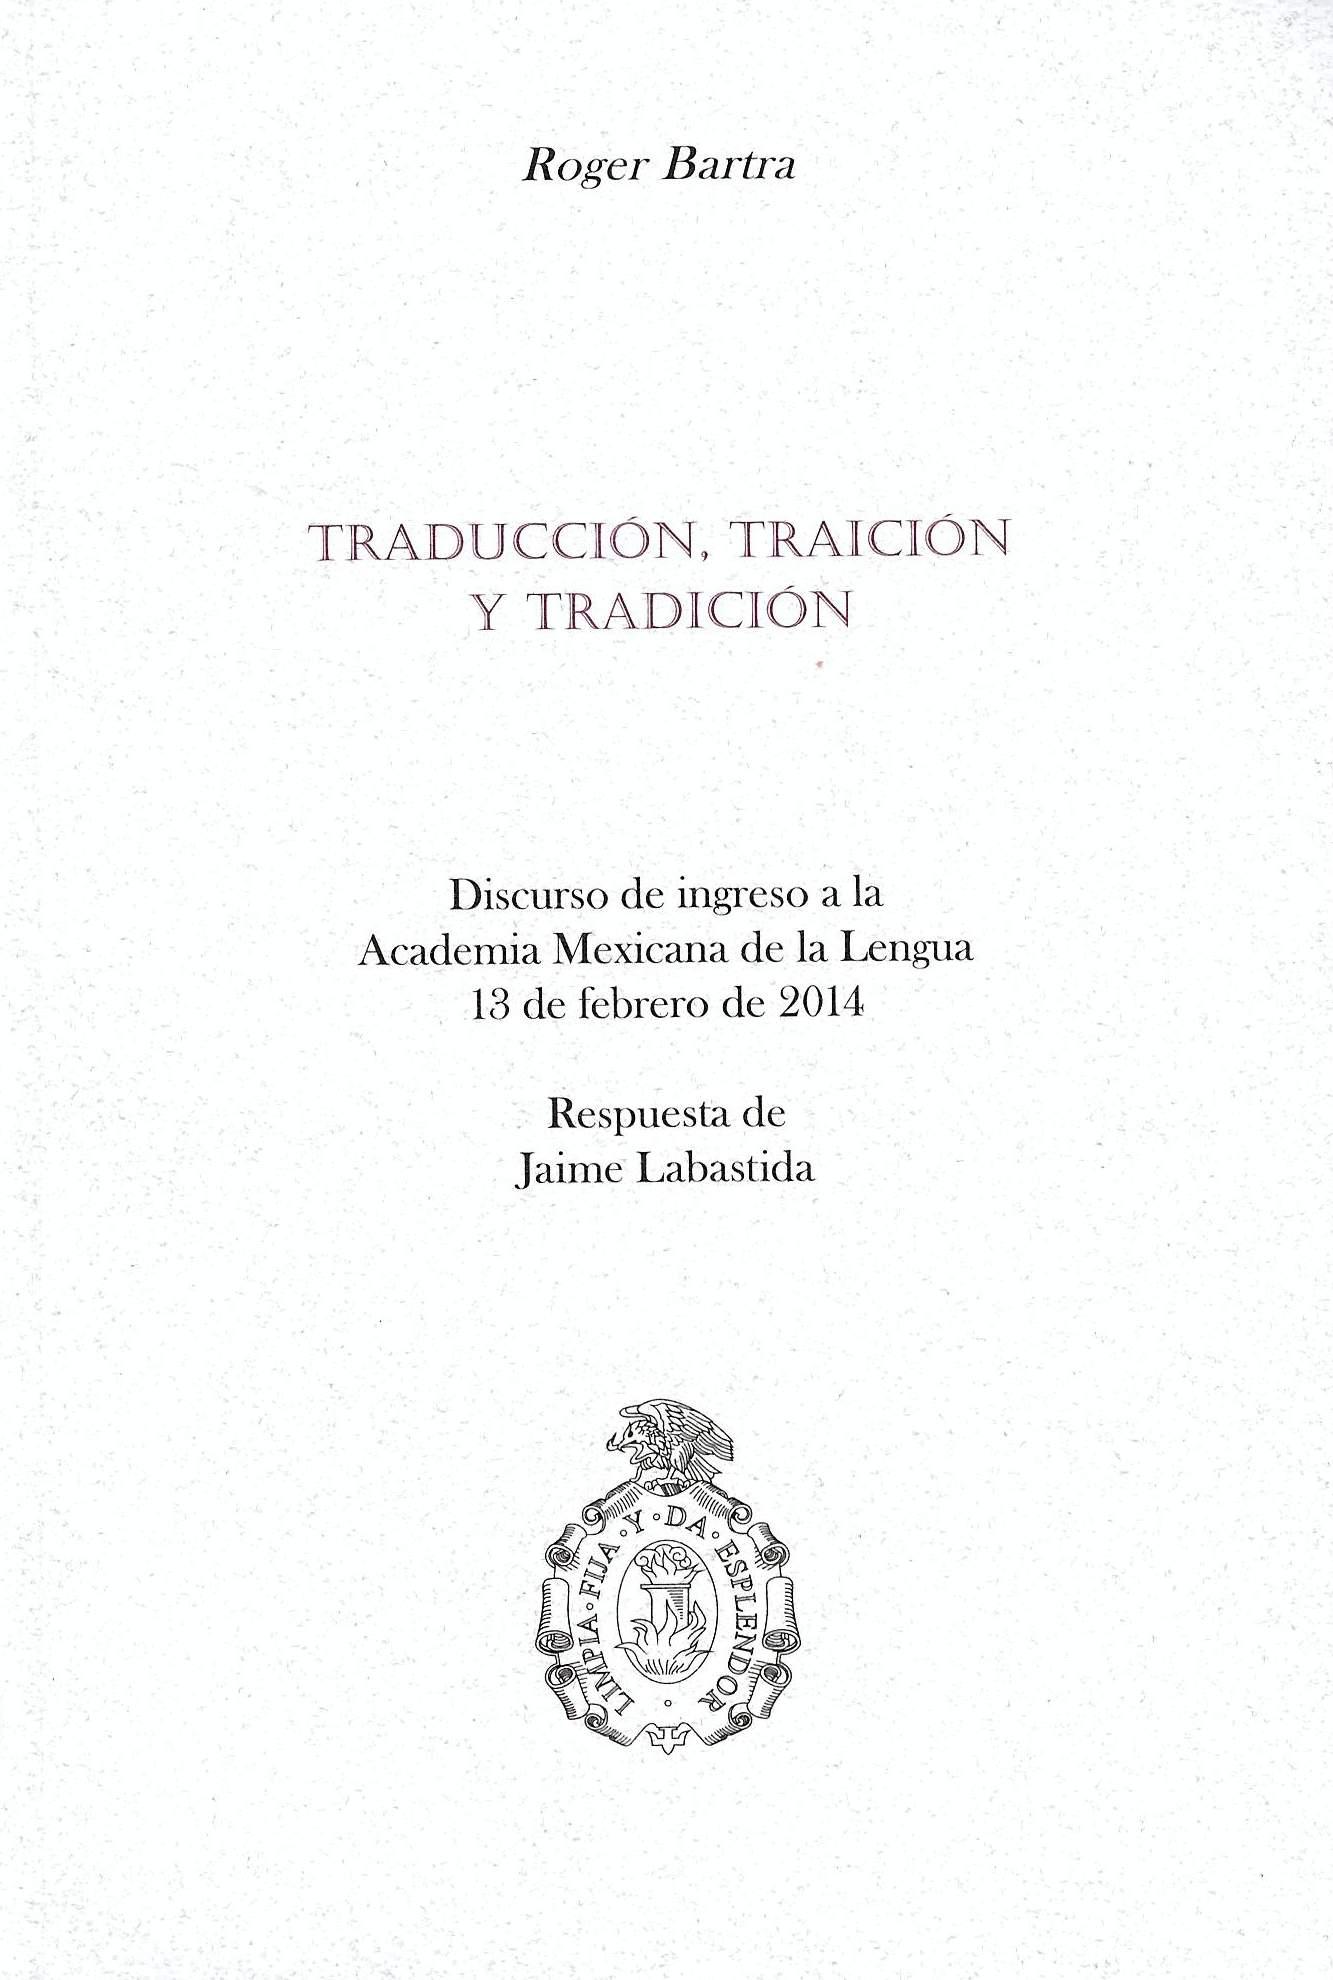 Traducción, traición y tradición Discurso de ingreso a la Academia Mexicana de la Lengua,13 de febrero de 2014